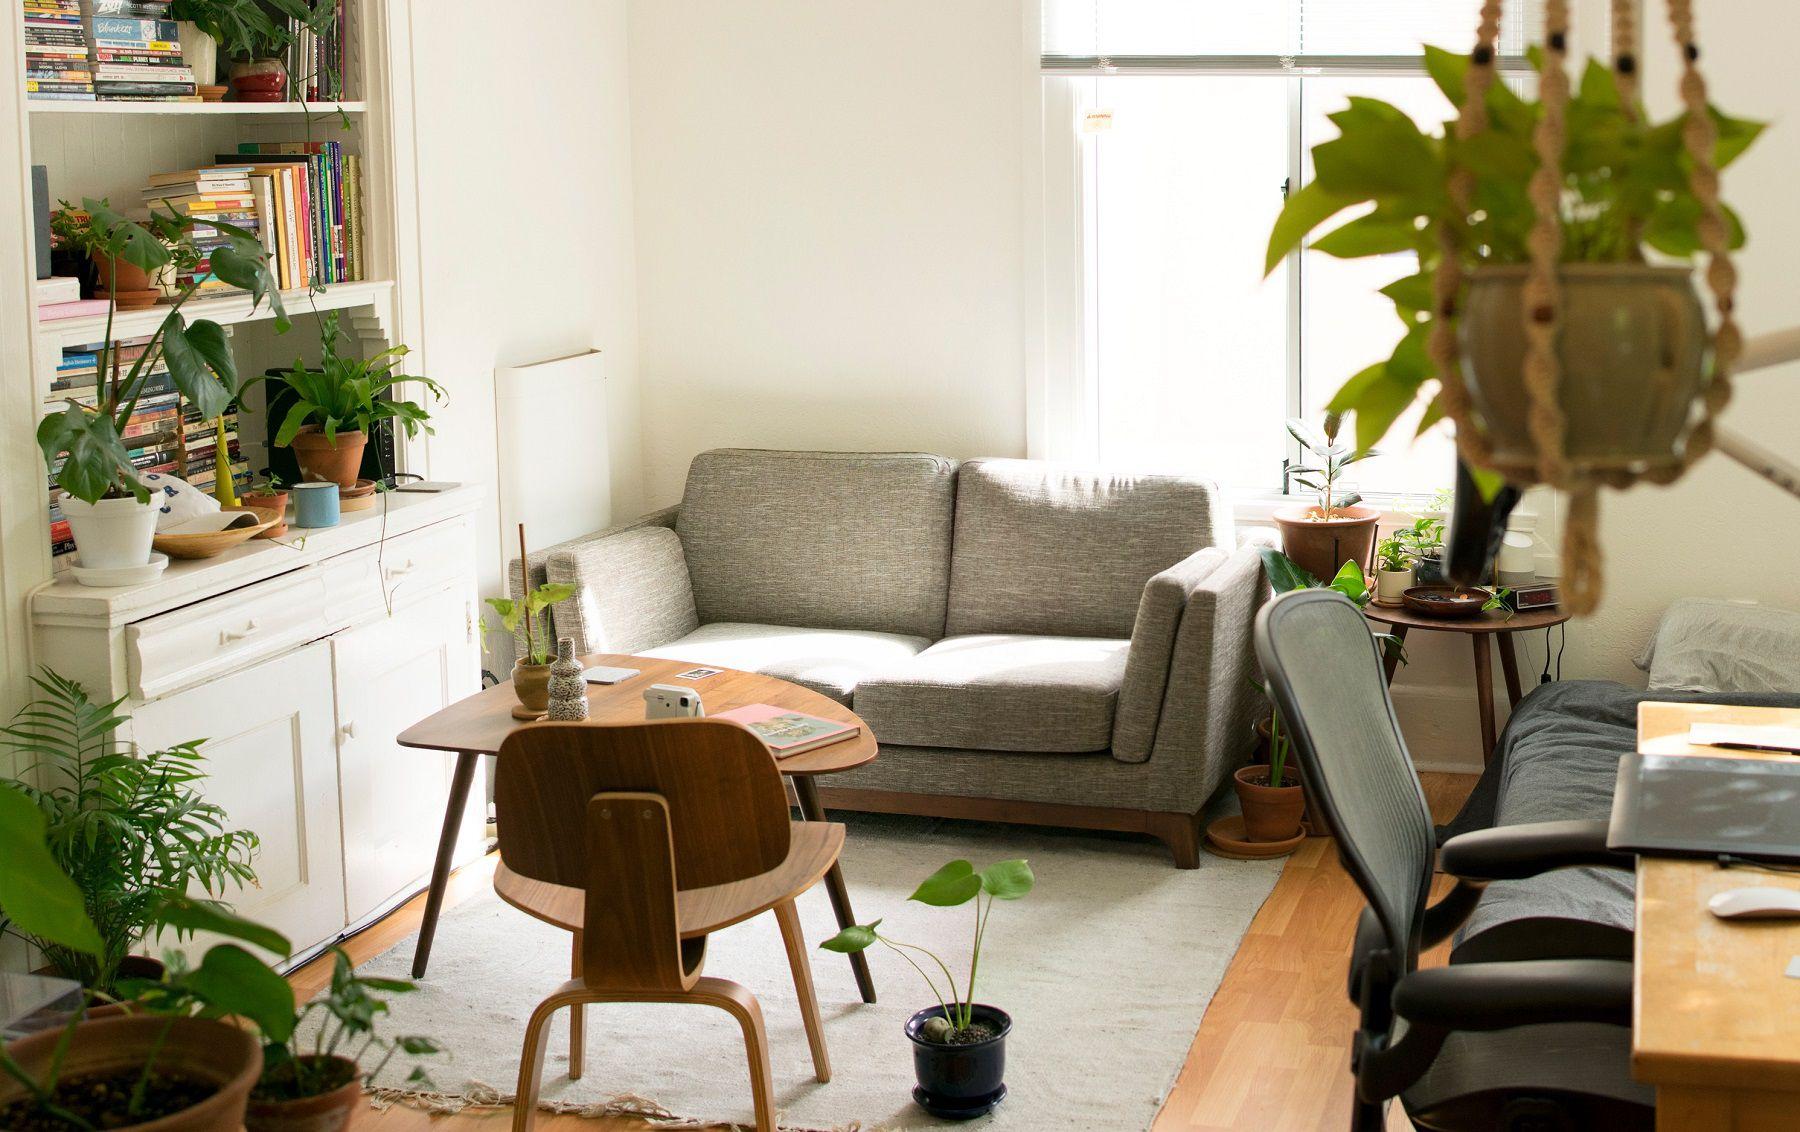 8 idee per gestire al meglio lo spazio in una casa piccola - Casa piccola soluzioni ...